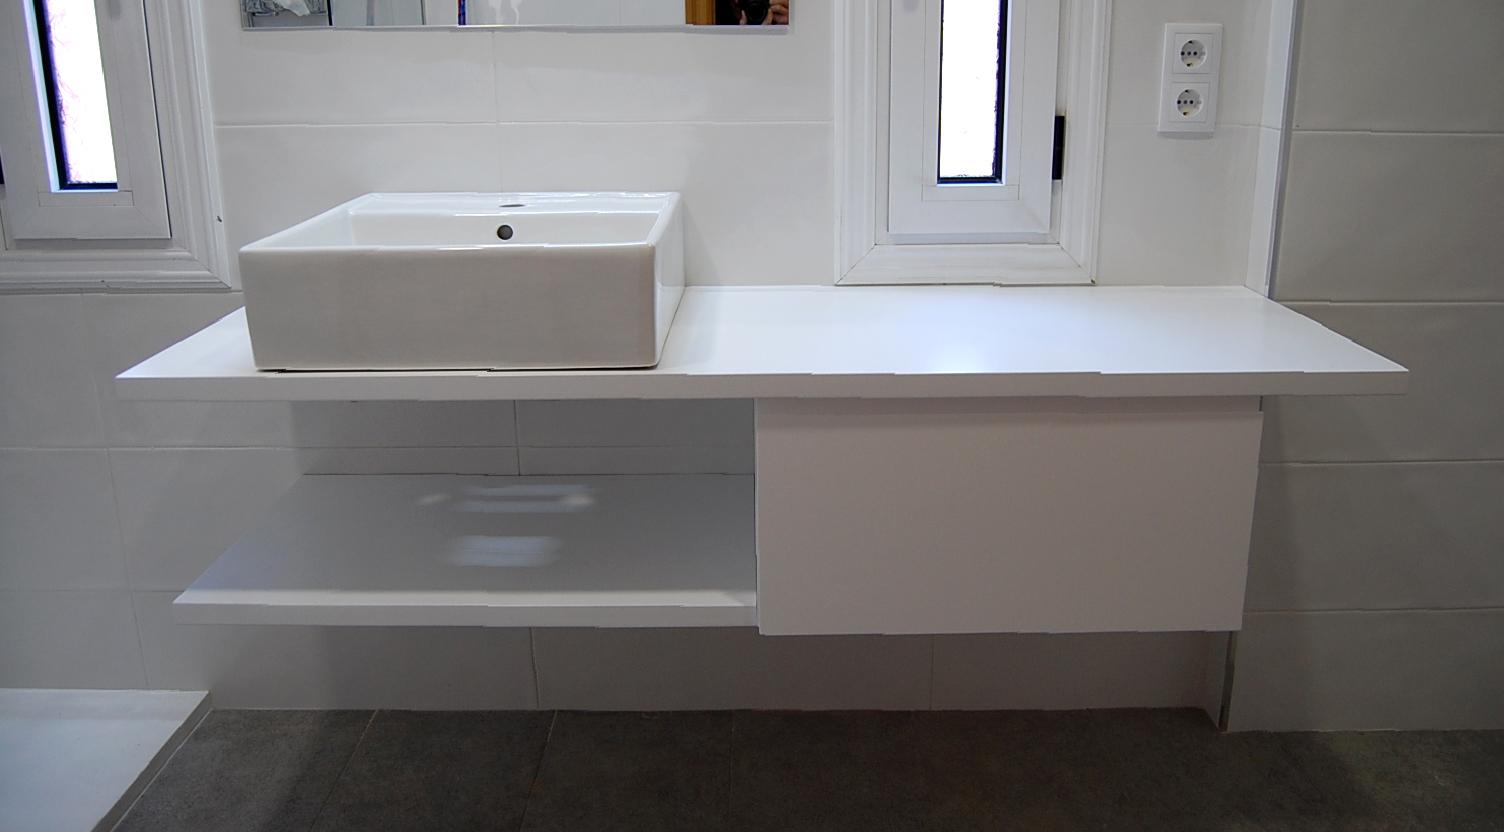 Mueble de baño a medida suspendido lacado blanco  MB Concept